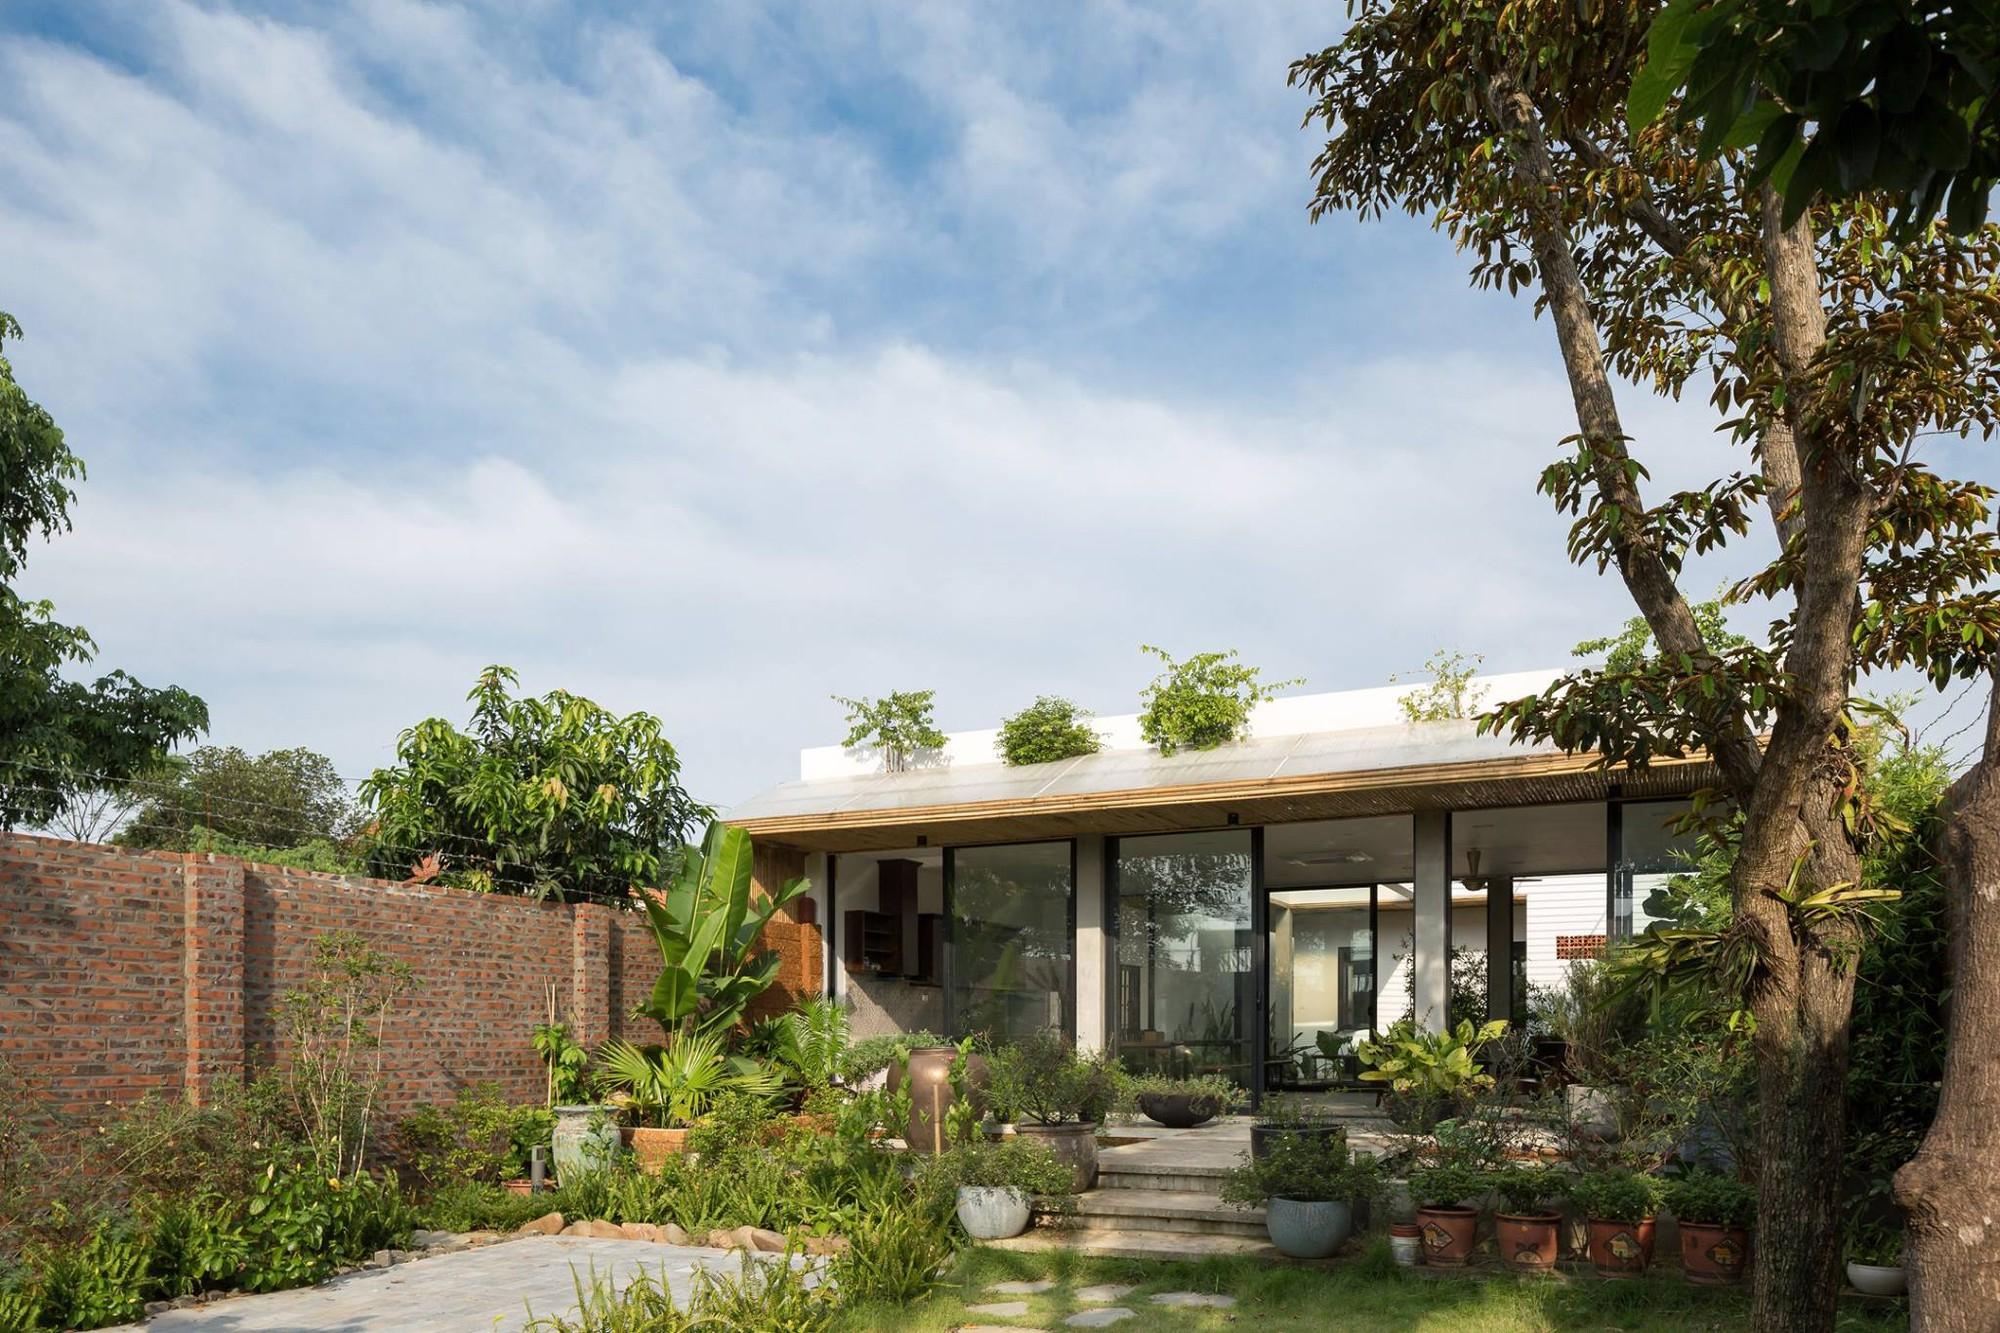 Ngôi nhà cấp 4 chan hòa ánh nắng và cây xanh mang lại vẻ yên bình đến khó tin ở Hà Nội - Ảnh 3.